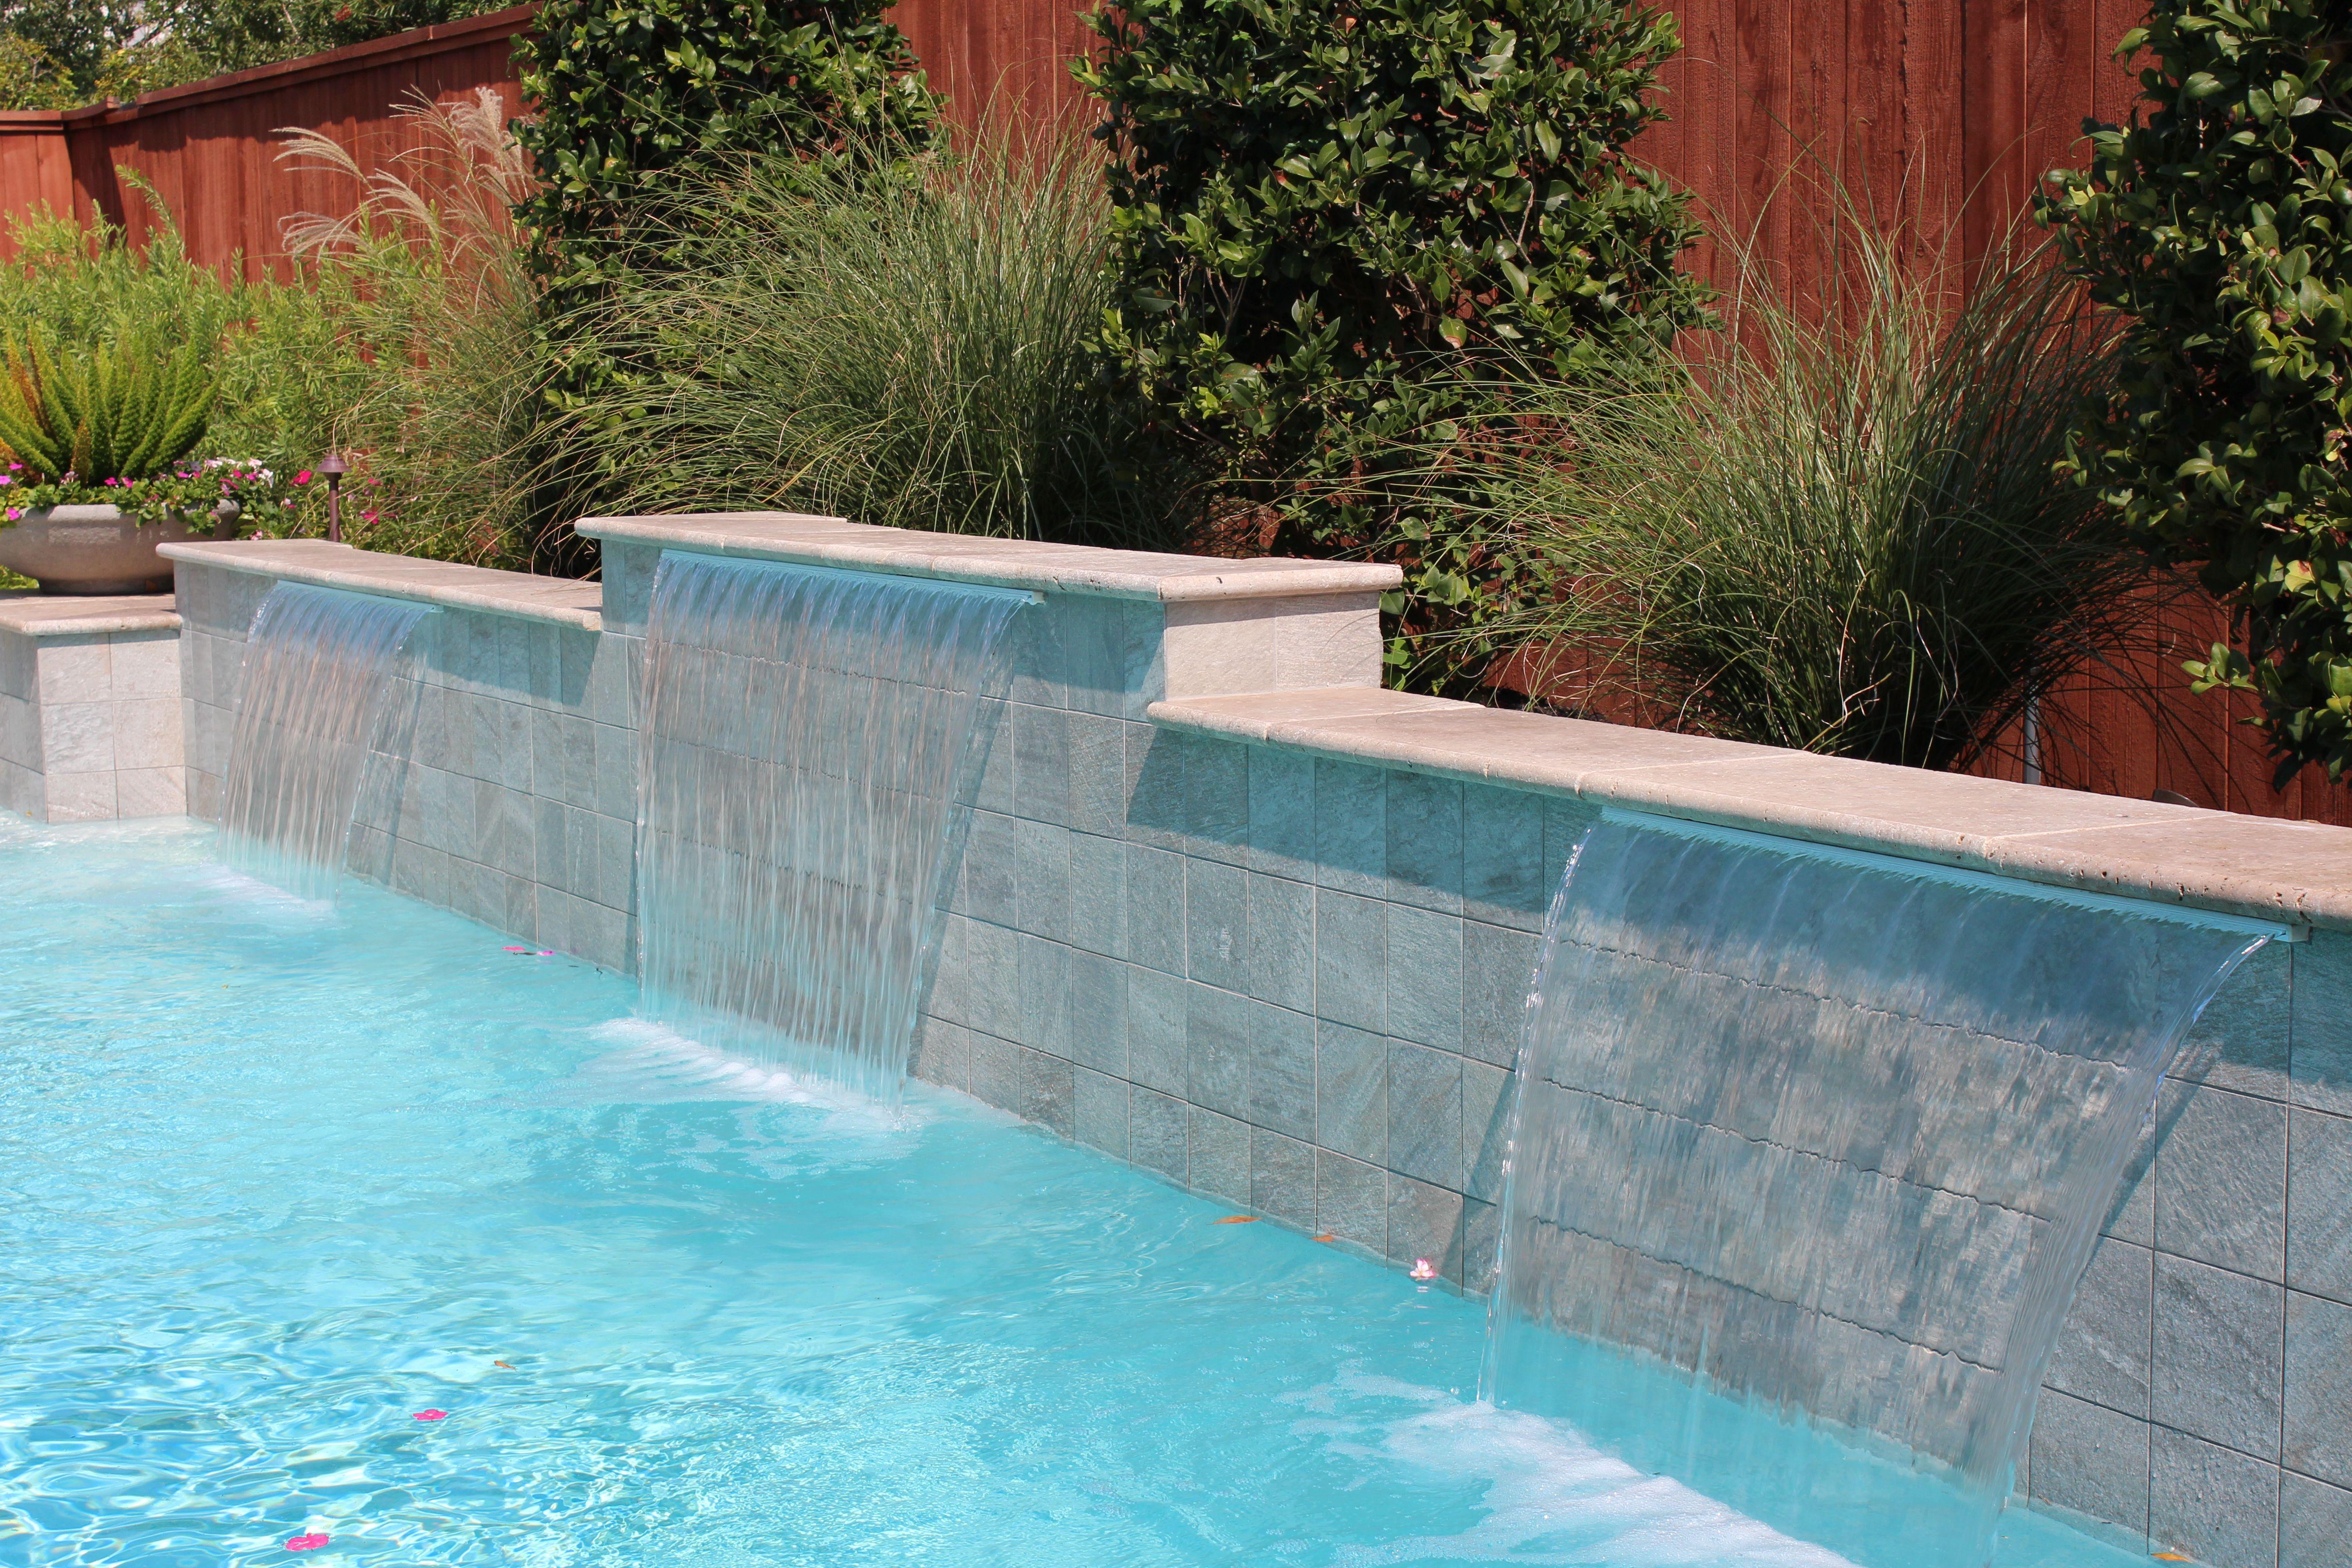 Pool Construction Texas Aquatics Amp Pool Services Pool